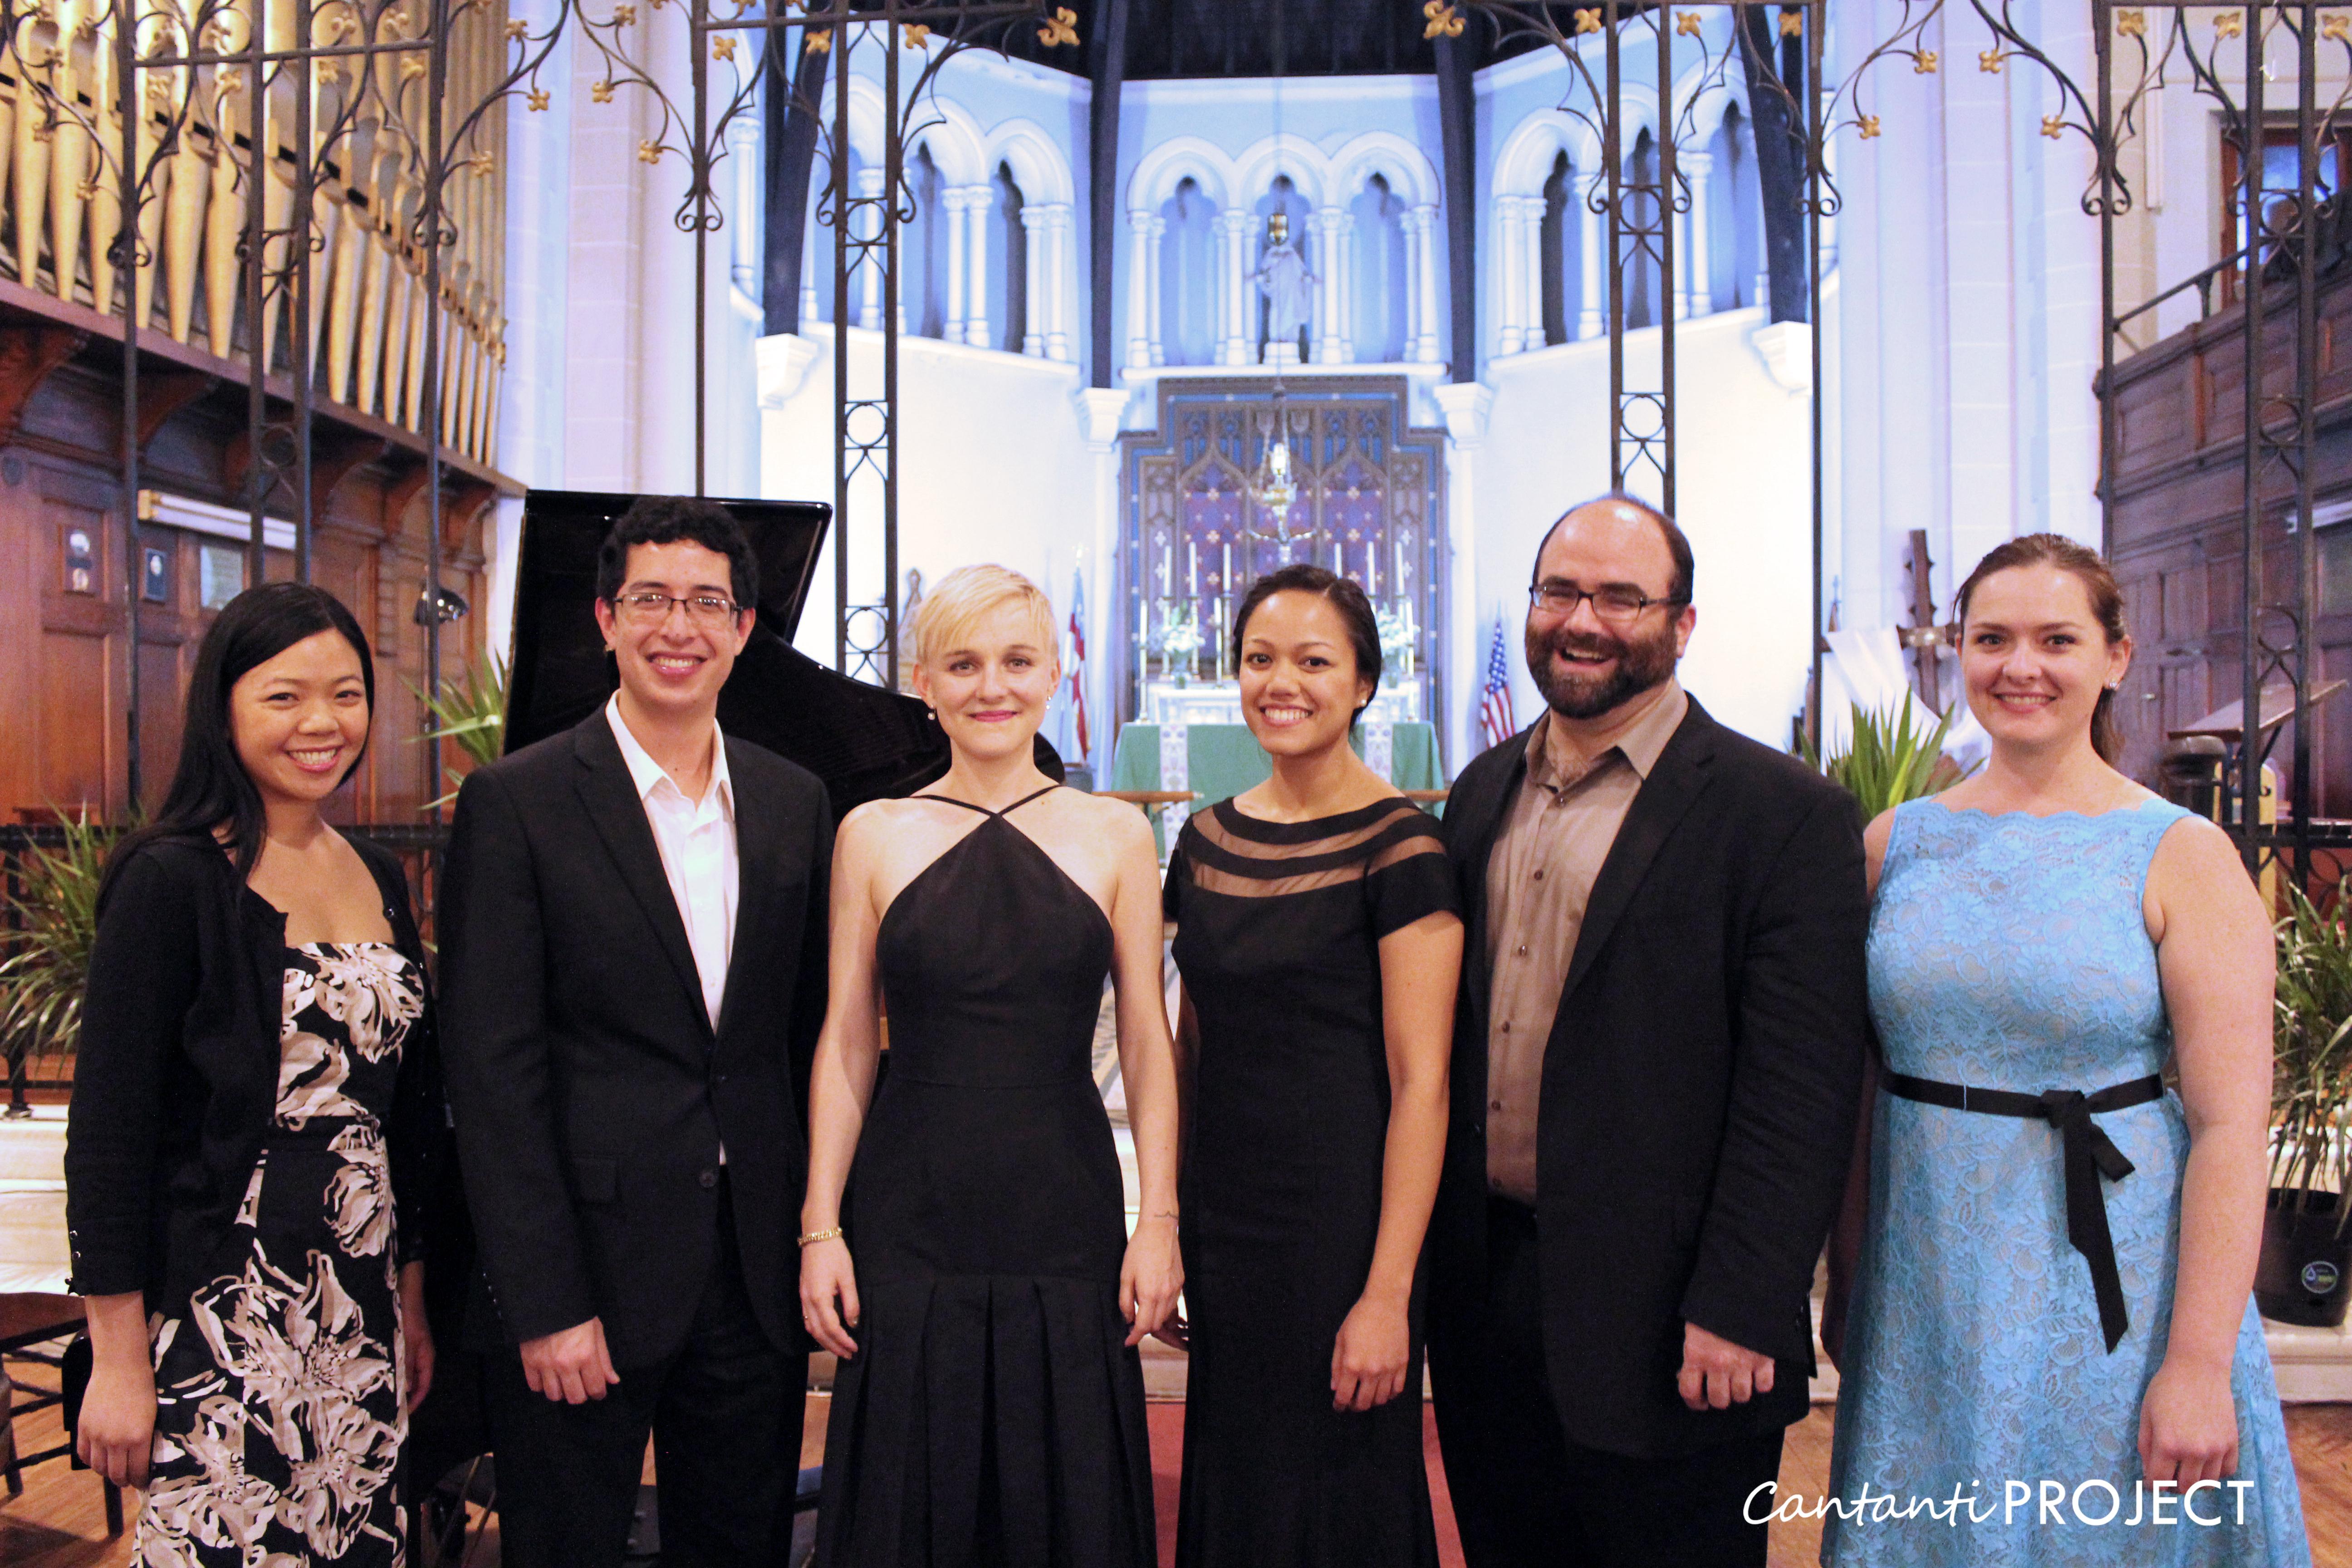 Cantanti Project Recital Series